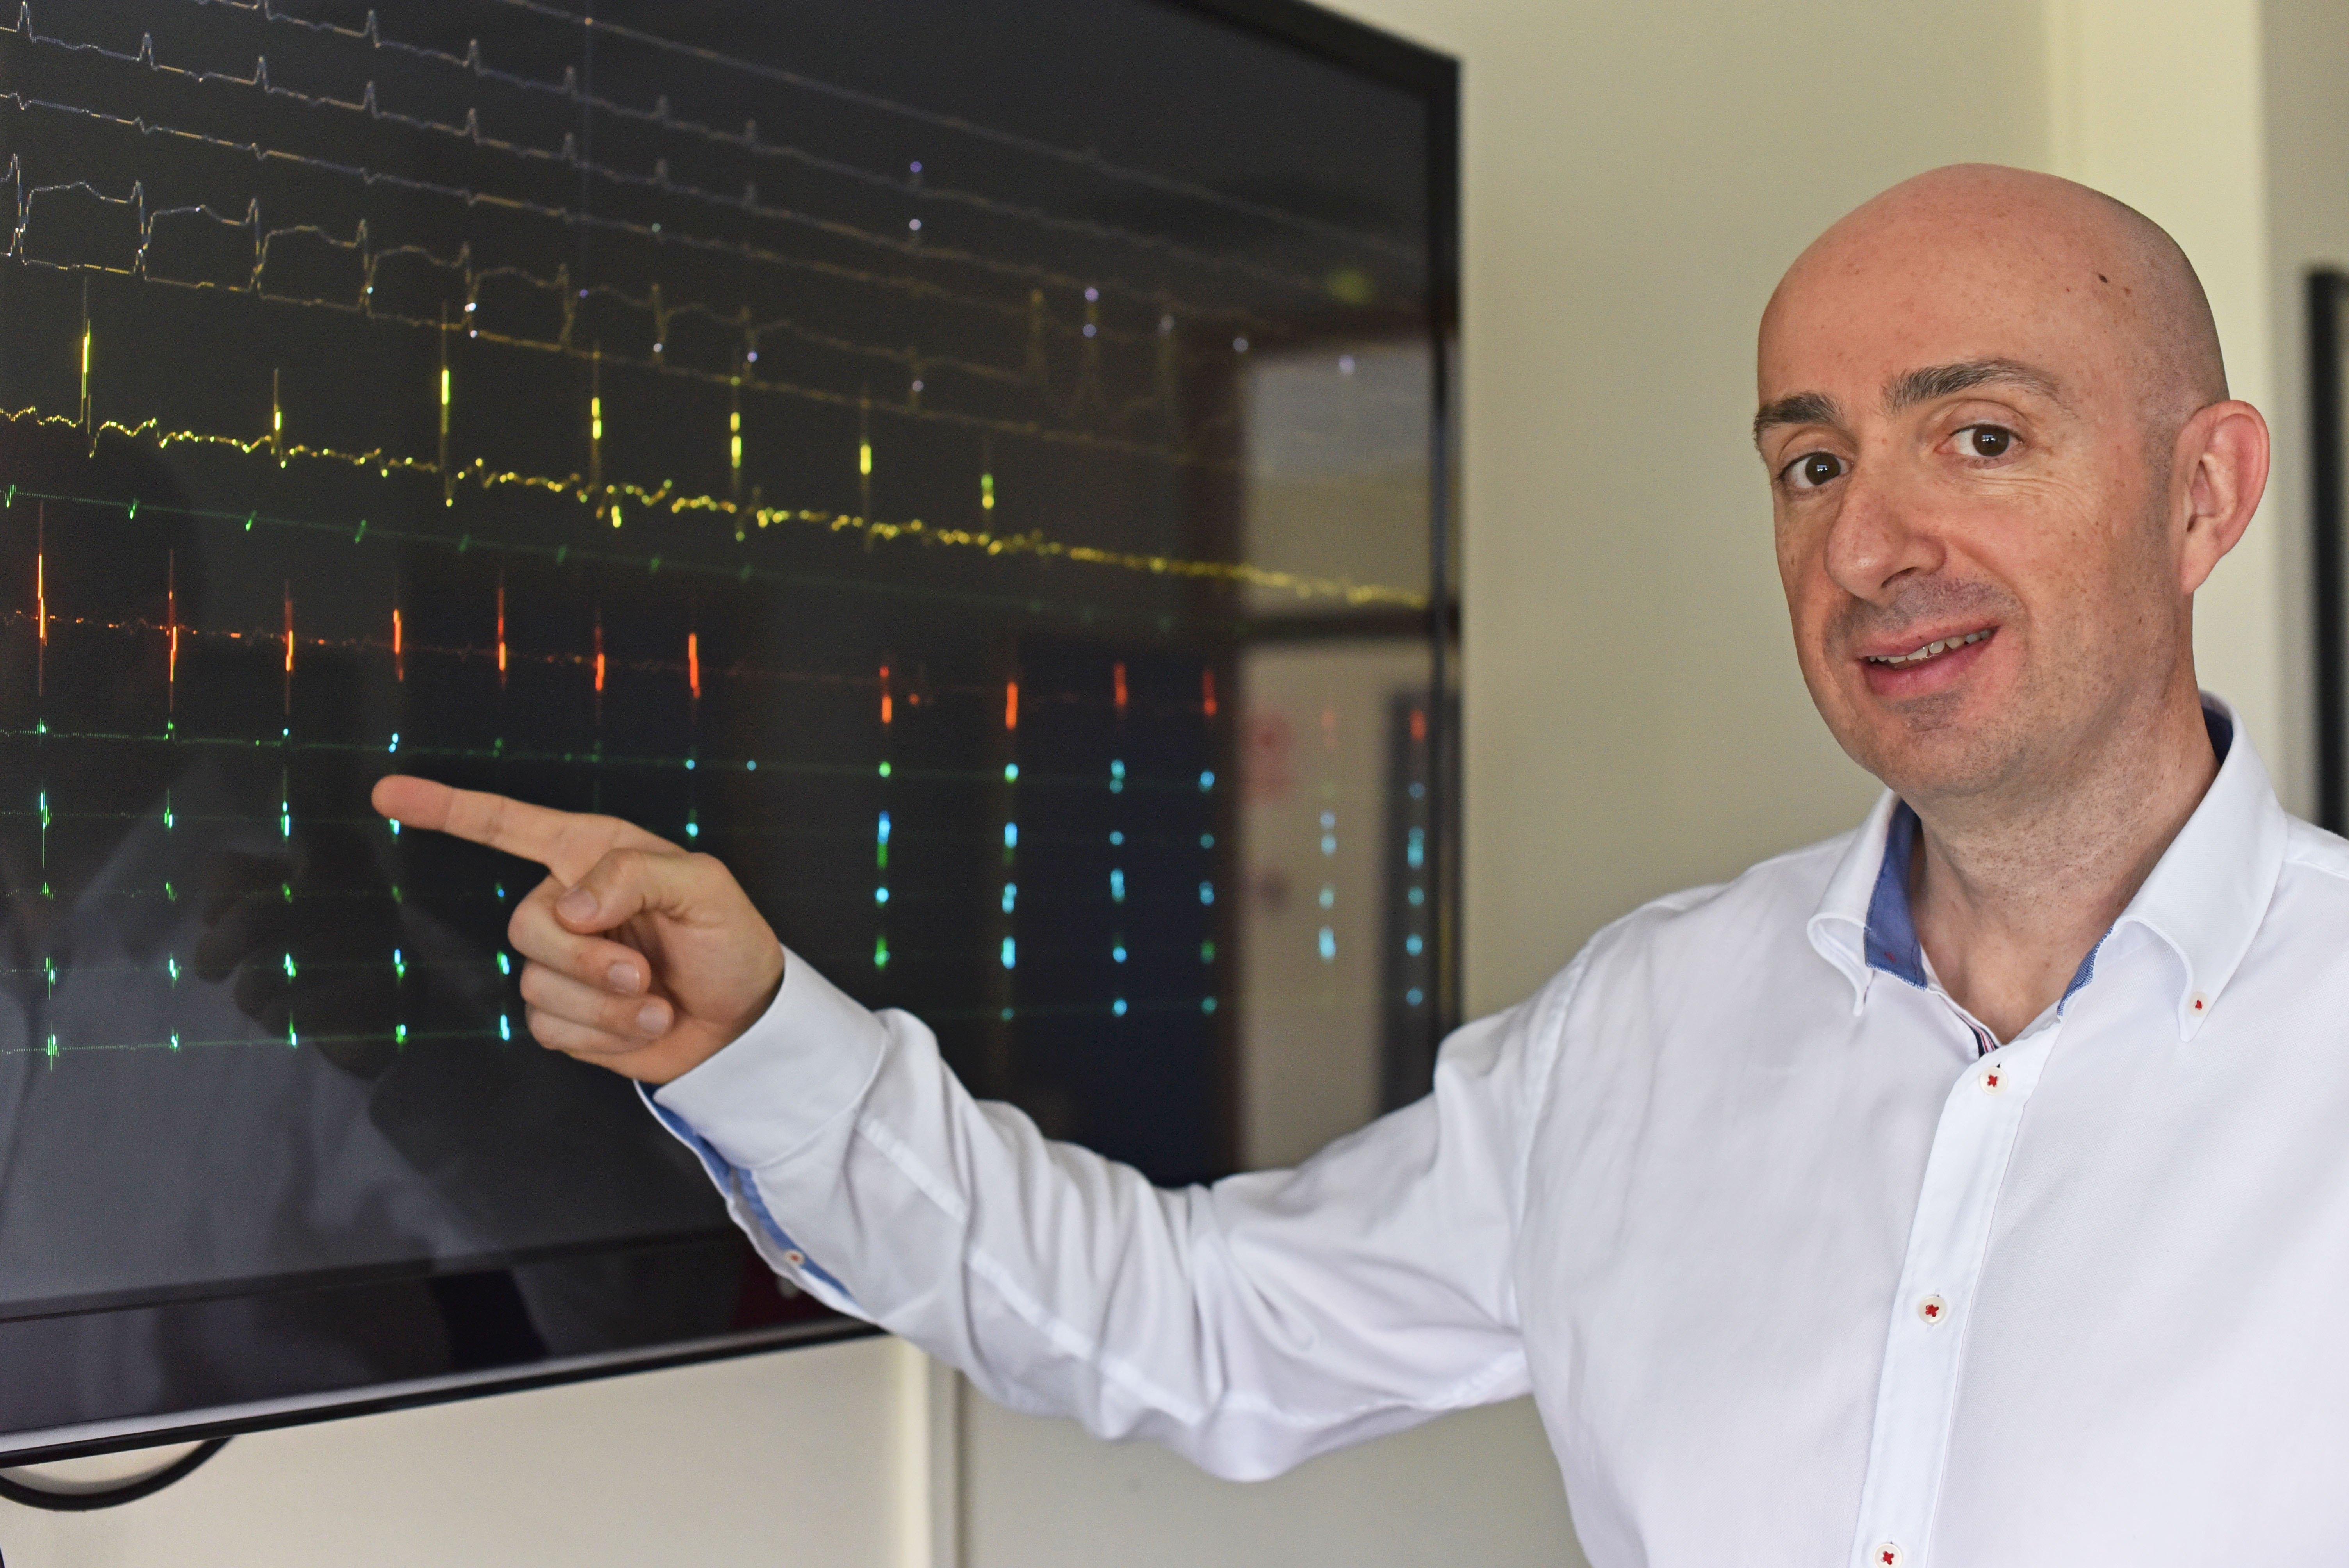 El Campus de Gandia desarrolla software para detectar arritmias